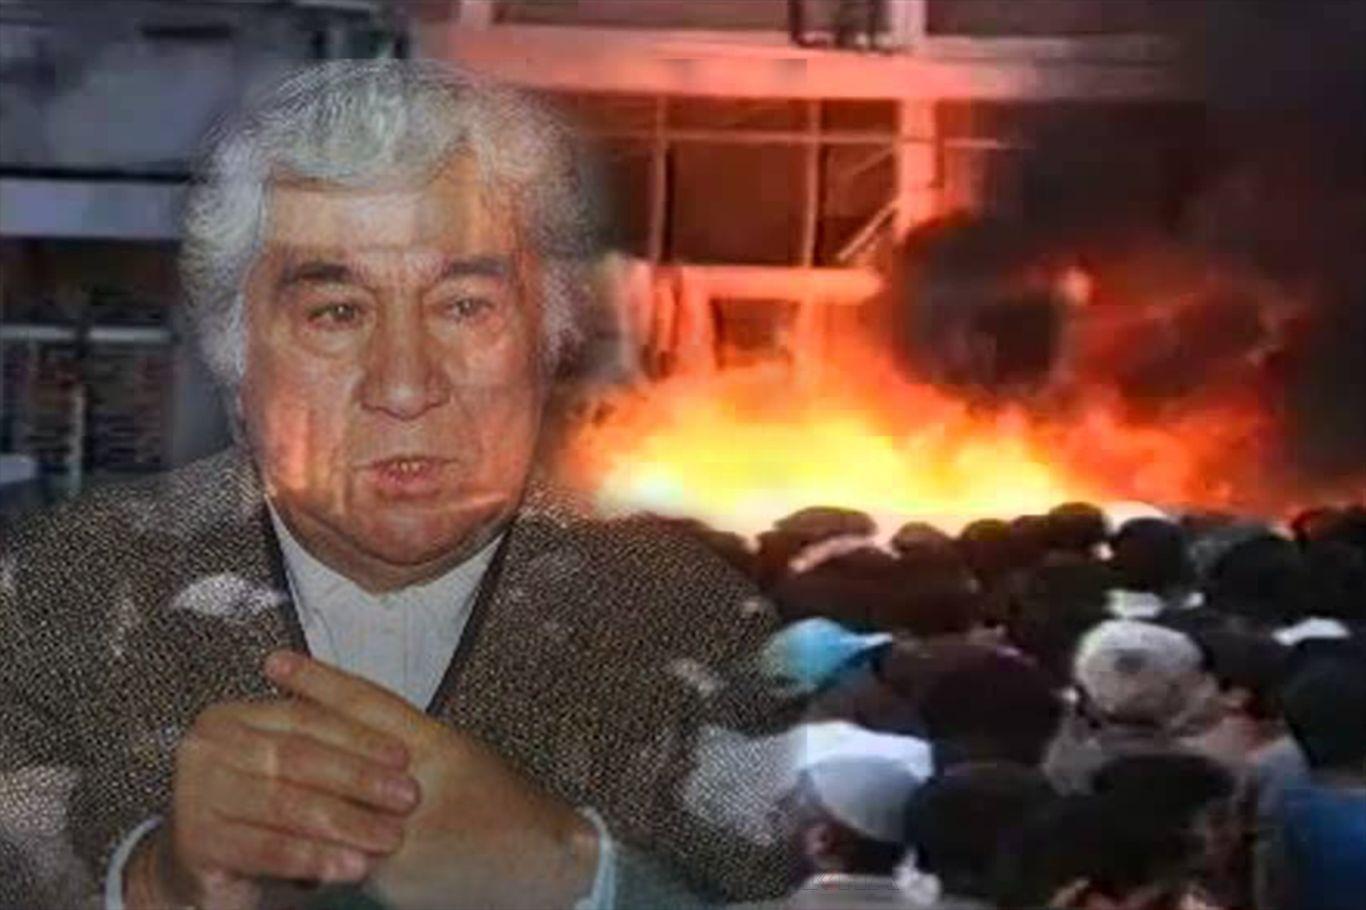 Yurt gazetesi yazarı Aziz Nesin'e kışkırtıcı ajan, dedi!